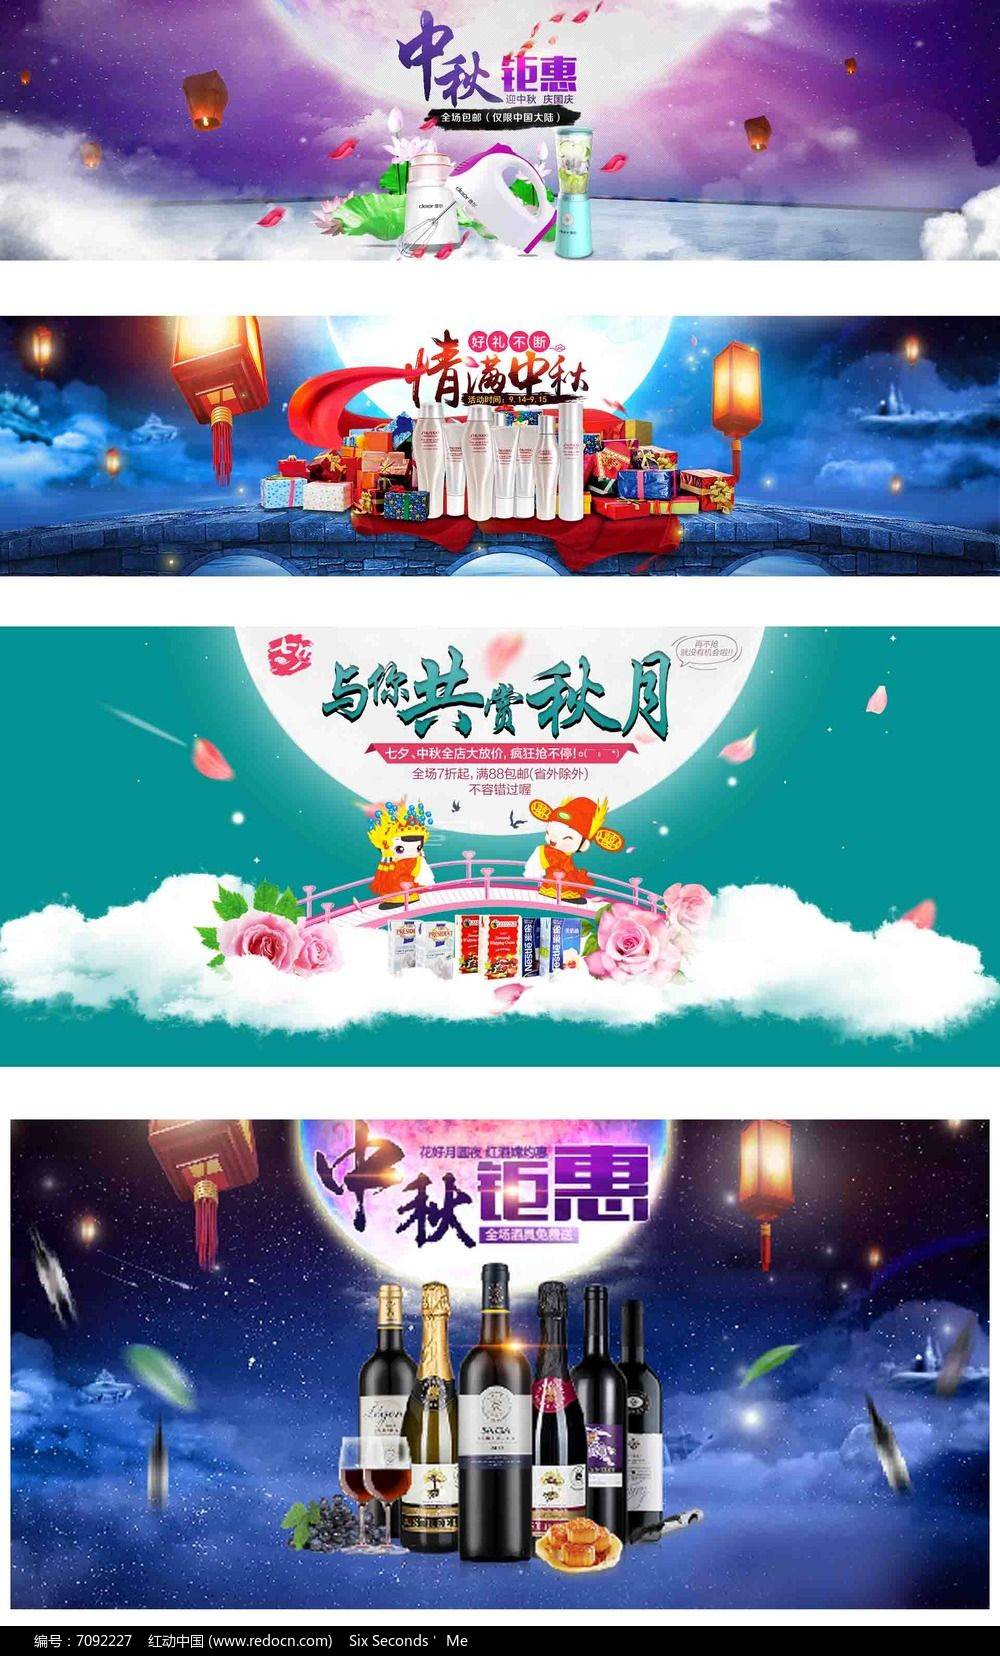 淘宝天猫食品中秋节海报模板